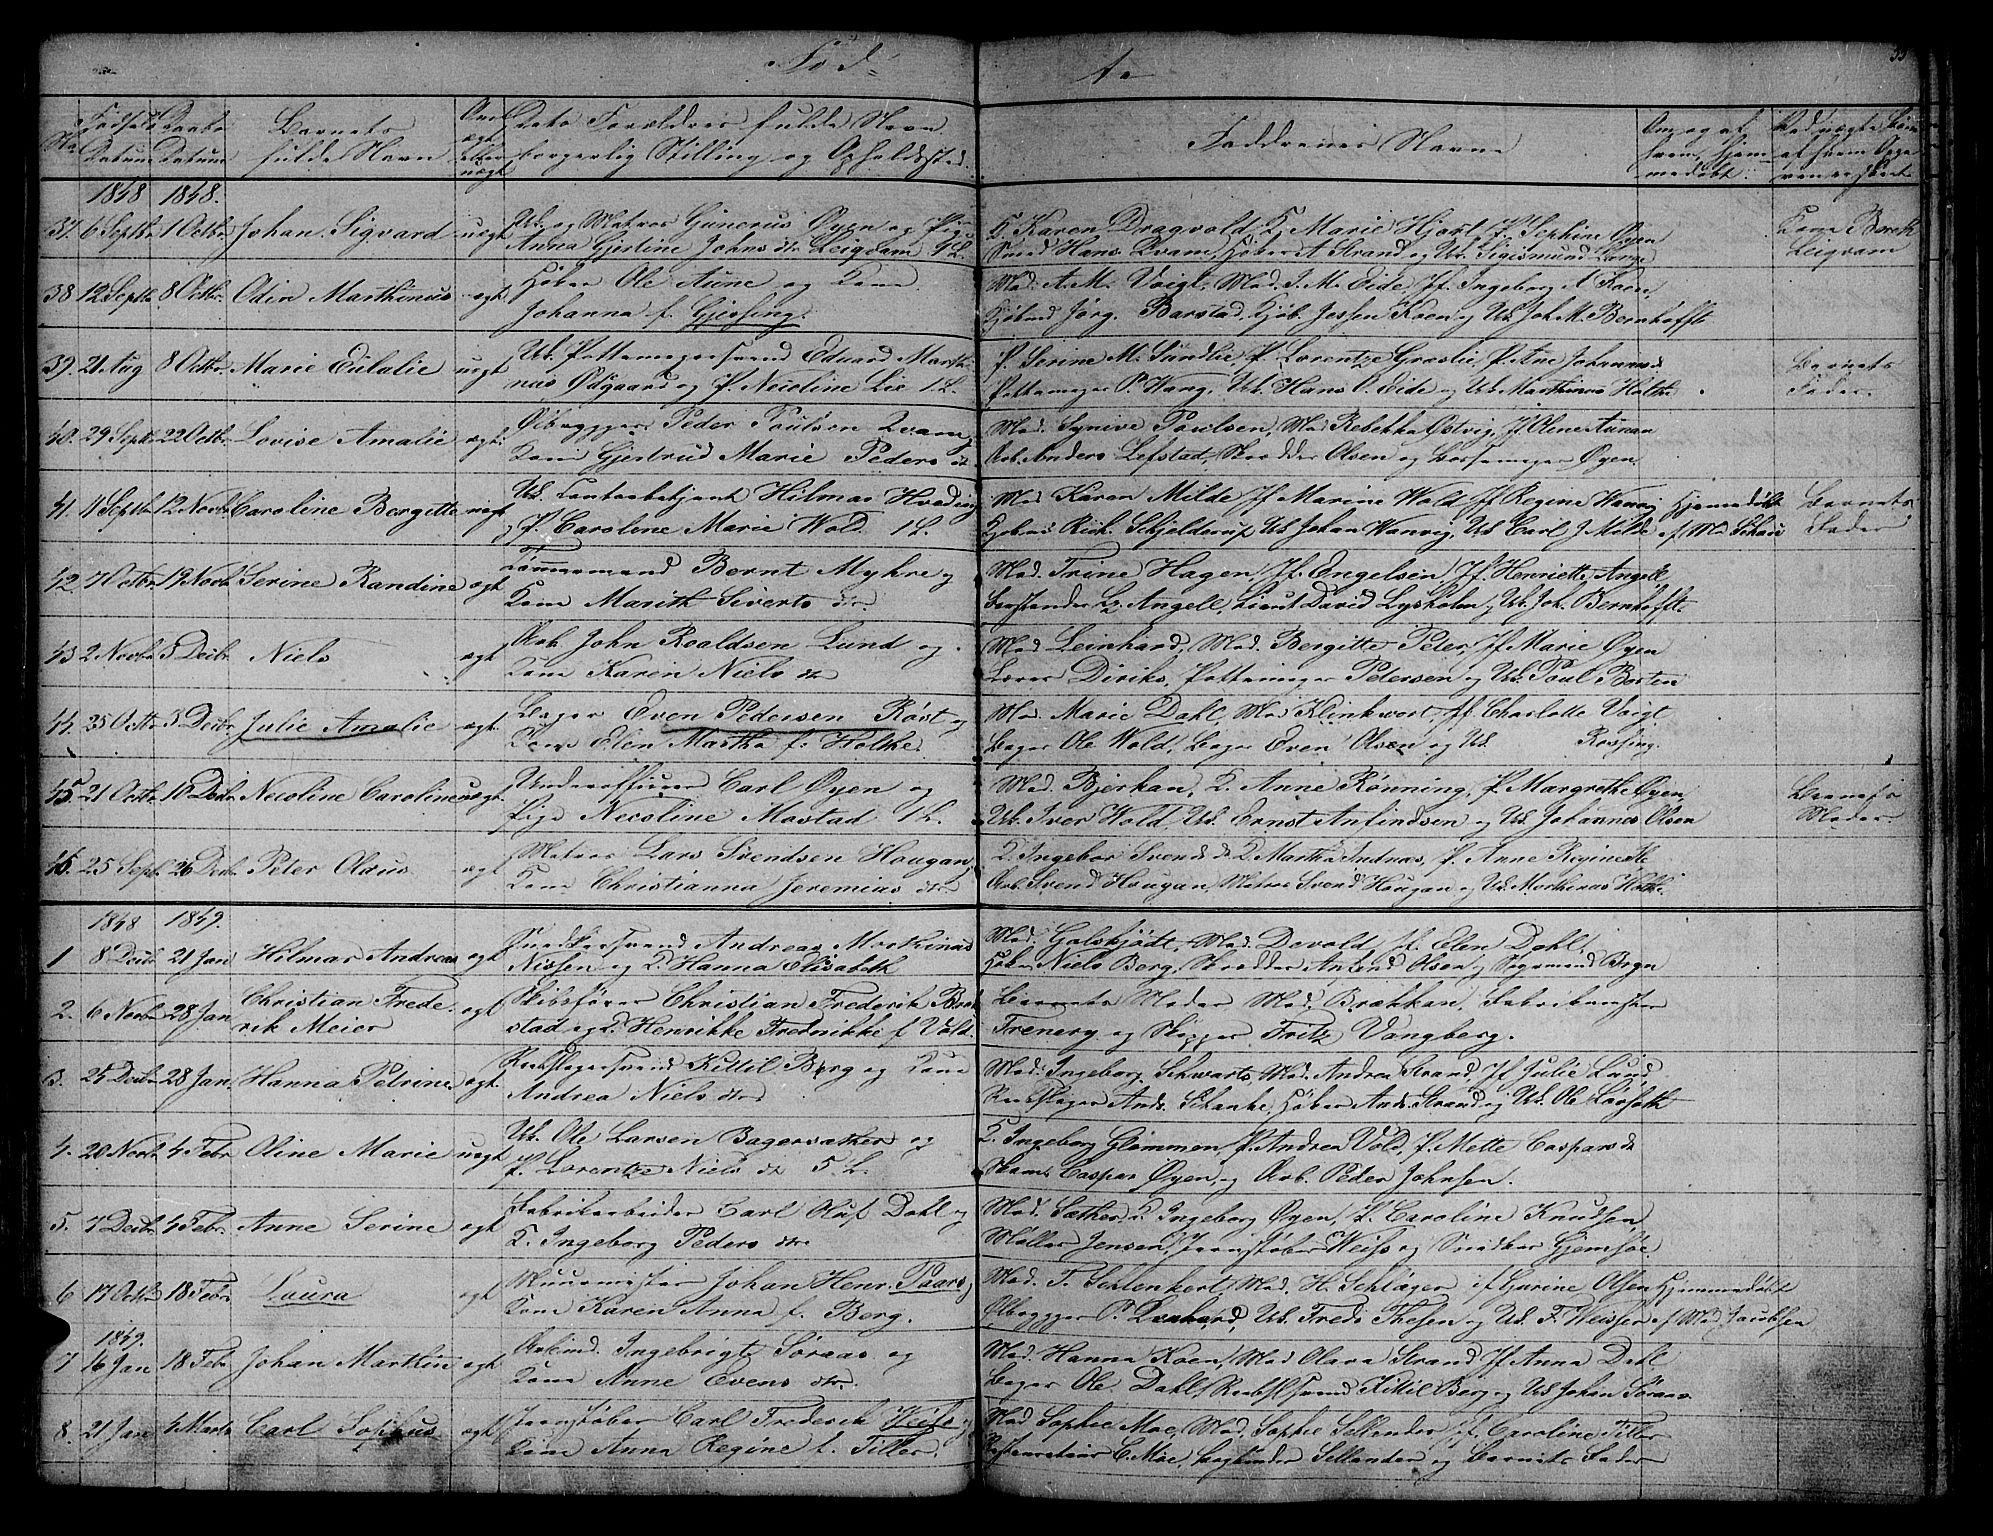 SAT, Ministerialprotokoller, klokkerbøker og fødselsregistre - Sør-Trøndelag, 604/L0182: Ministerialbok nr. 604A03, 1818-1850, s. 55